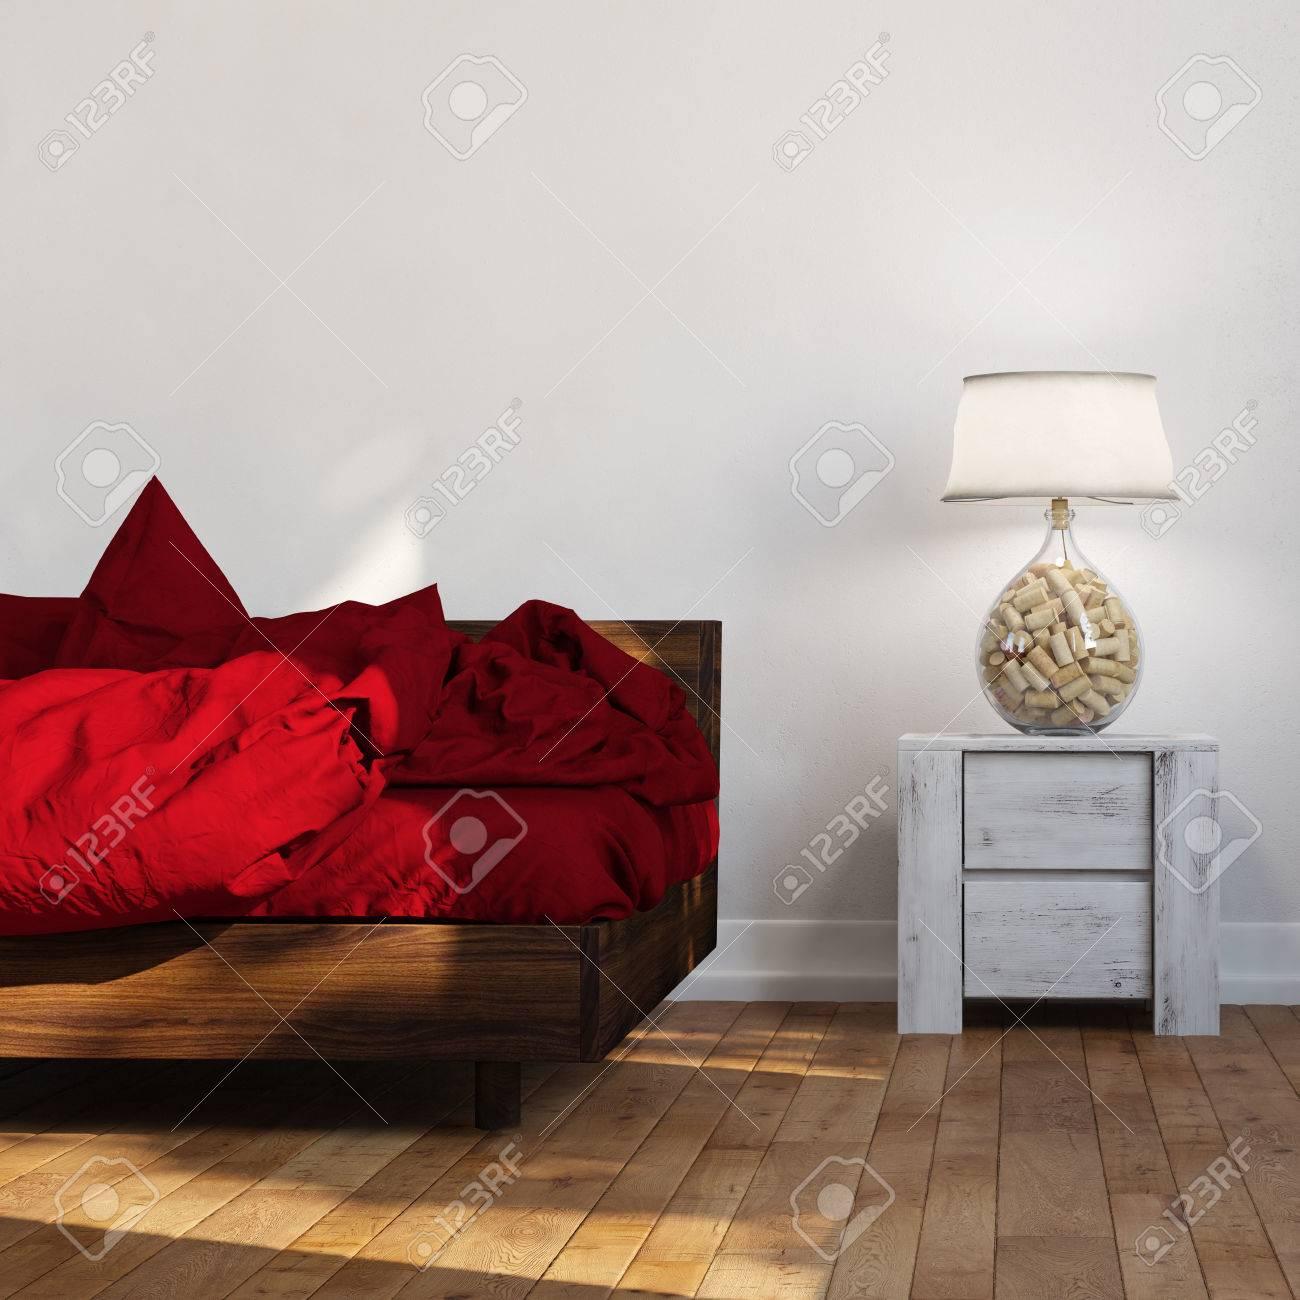 coté nuit linge de lit Lit Avec Debout Linge Rouge à Côté Table De Nuit Avec Lampe (rendu  coté nuit linge de lit